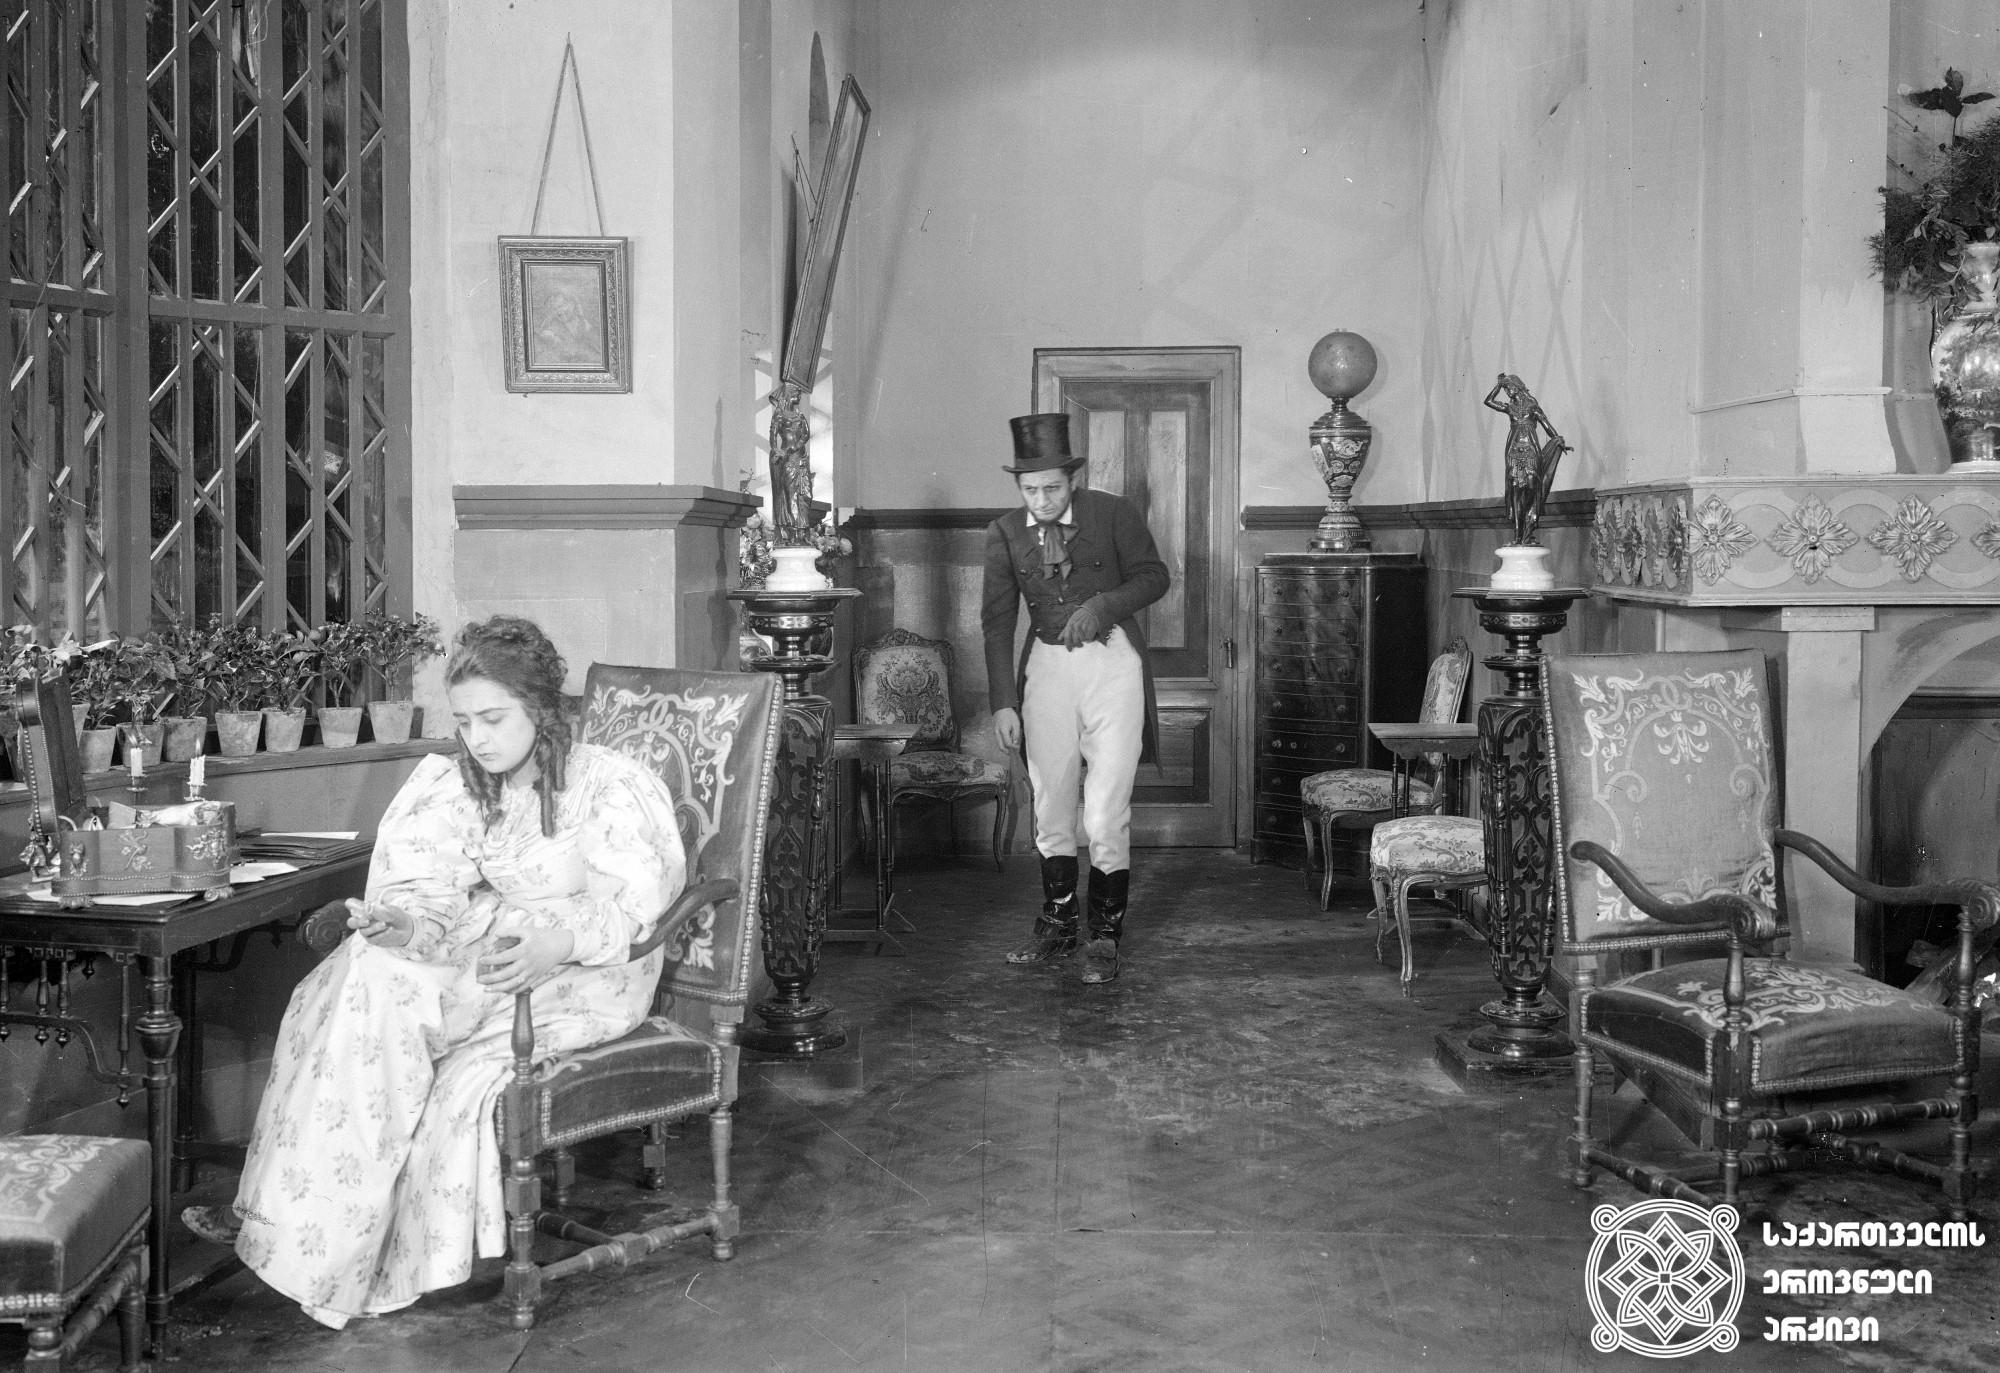 კრაზანა. 1928. <br> რეჟისორი: კოტე მარჯანიშვილი. <br> სცენარის ავტორები: კოტე მარჯანიშვილი, ვიქტორ შკლოვსკი. ოპერატორი: სერგეი ზაბოზლაევი. მხატვარი: ვალერიან სიდამონ-ერისთავი. <br>  გადაღებულია ეთელ ლილიან ვოინიჩის ამავე სახელწოდების რომანის მიხედვით. <br> ფოტოზე:  ნატო ვაჩნაძე (ჯემა) და ილიკო მერაბიშვილი (კრაზანა-არტური).  Krazana (The Wasp). 1928. <br>  Director: Kote Marjanishvili. <br> Screenwriters: Kote Marjanishvili, Victor Shklovsky. Camera operator: Sergei Zabozlaev. Production designer: Valerian Sidamon-ersitavi. <br> Filmed according to Ethel Lilian Voynich's novel of thesame title. <br> On the photo: Nato Vachnadze (Jema) and Iliko Merabishvili (wasp-Arthur).